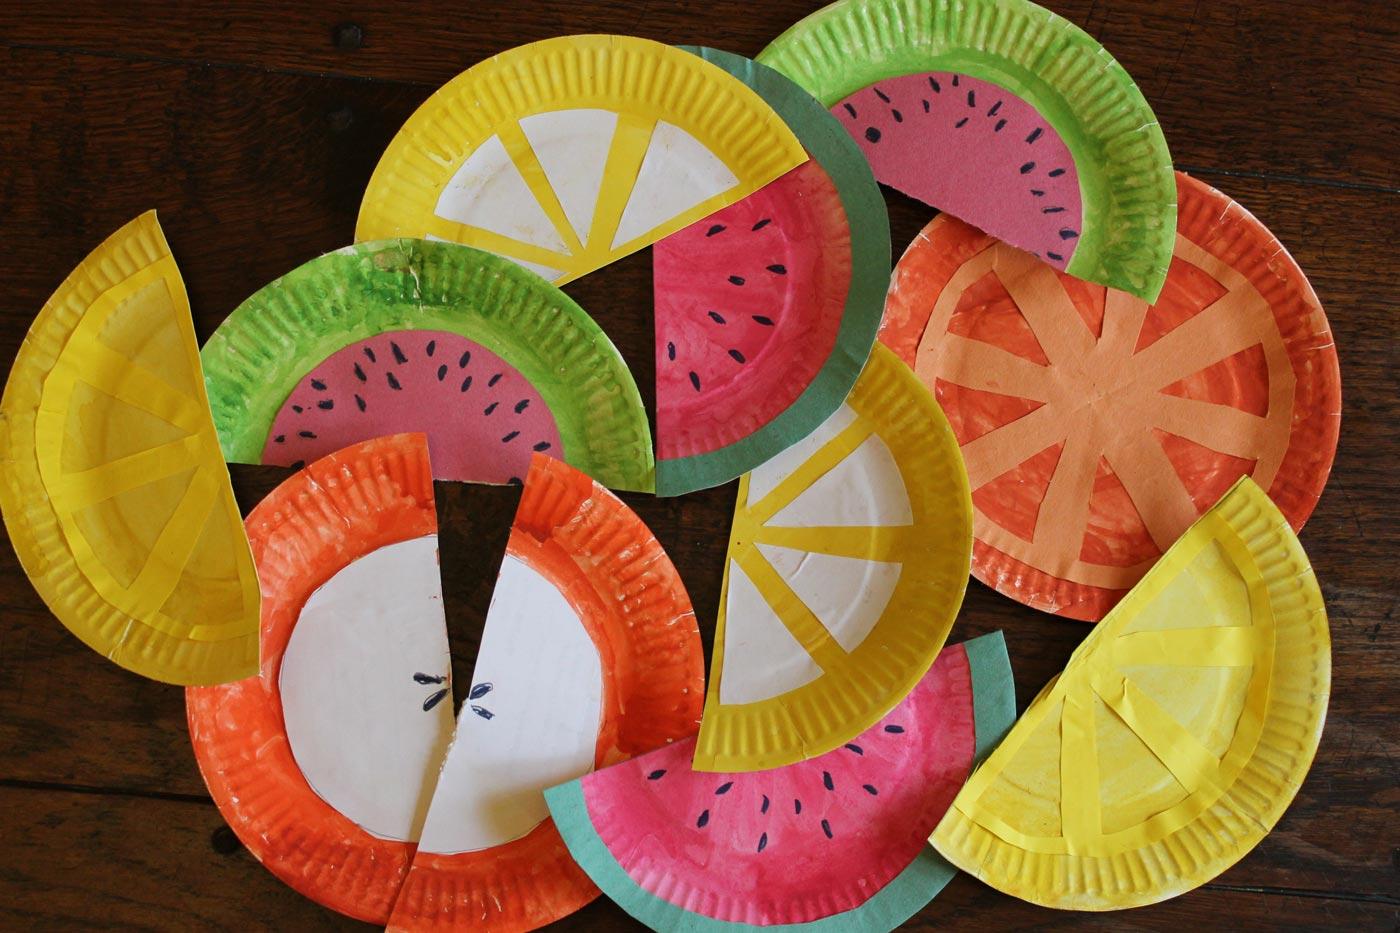 آموزش کاردستی میوه با بشقاب کاغذی